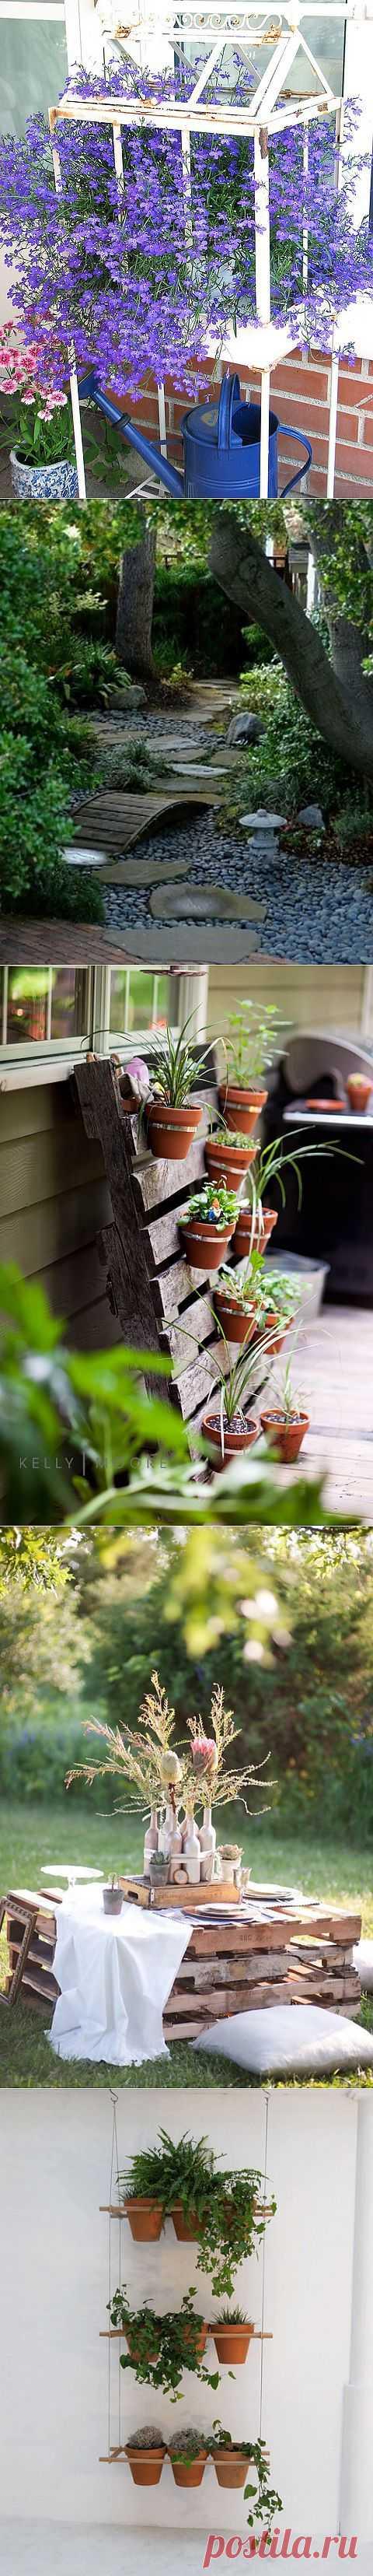 Садовые домики, дорожки, цветники и многое другое для сада.